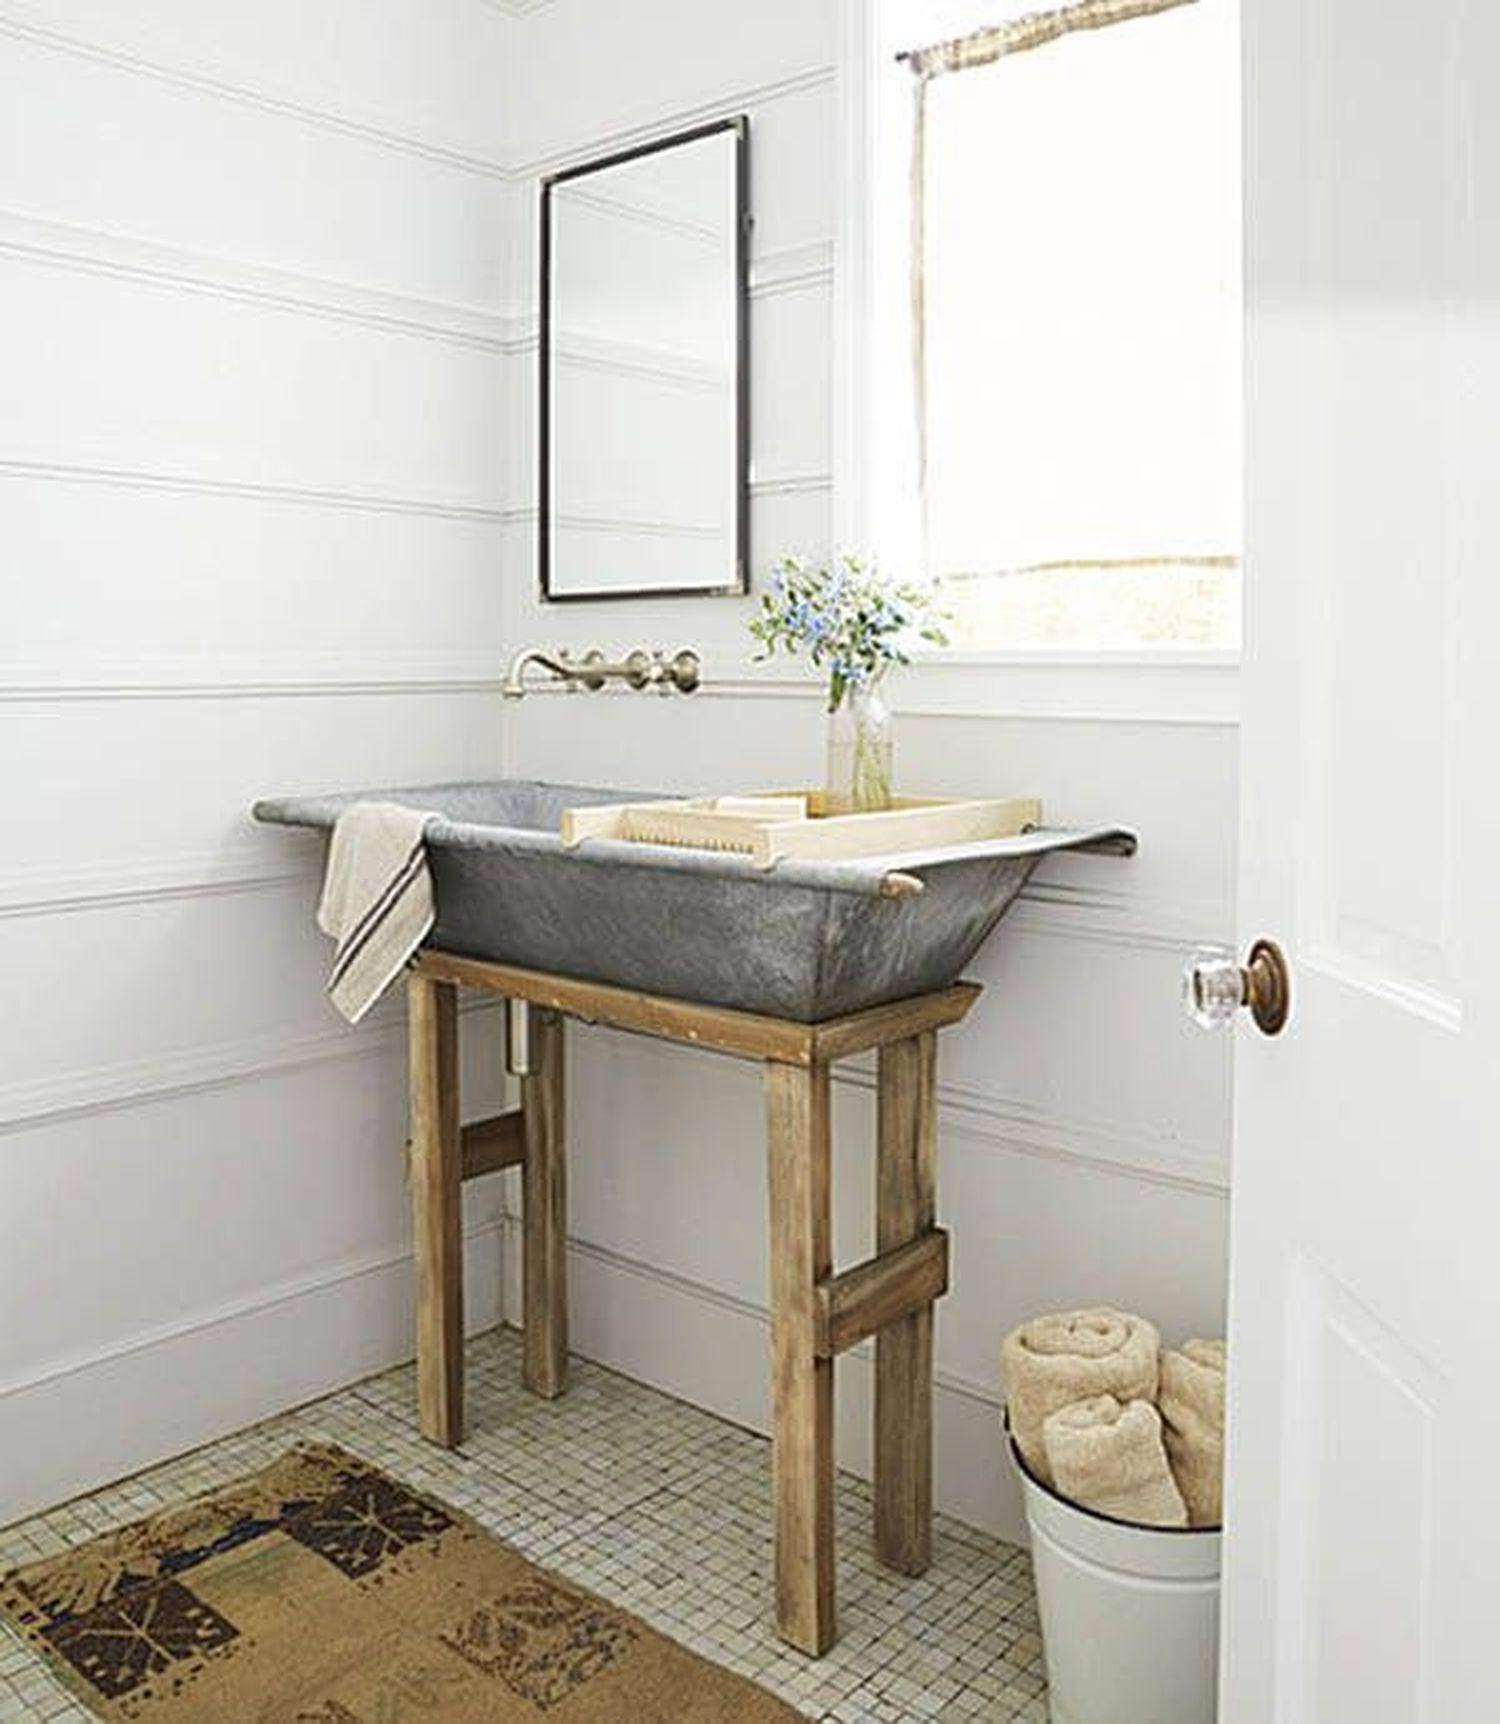 Sink Bathroom Bath Zinc Laundry Basin Tub Baby Bath Wash Stand